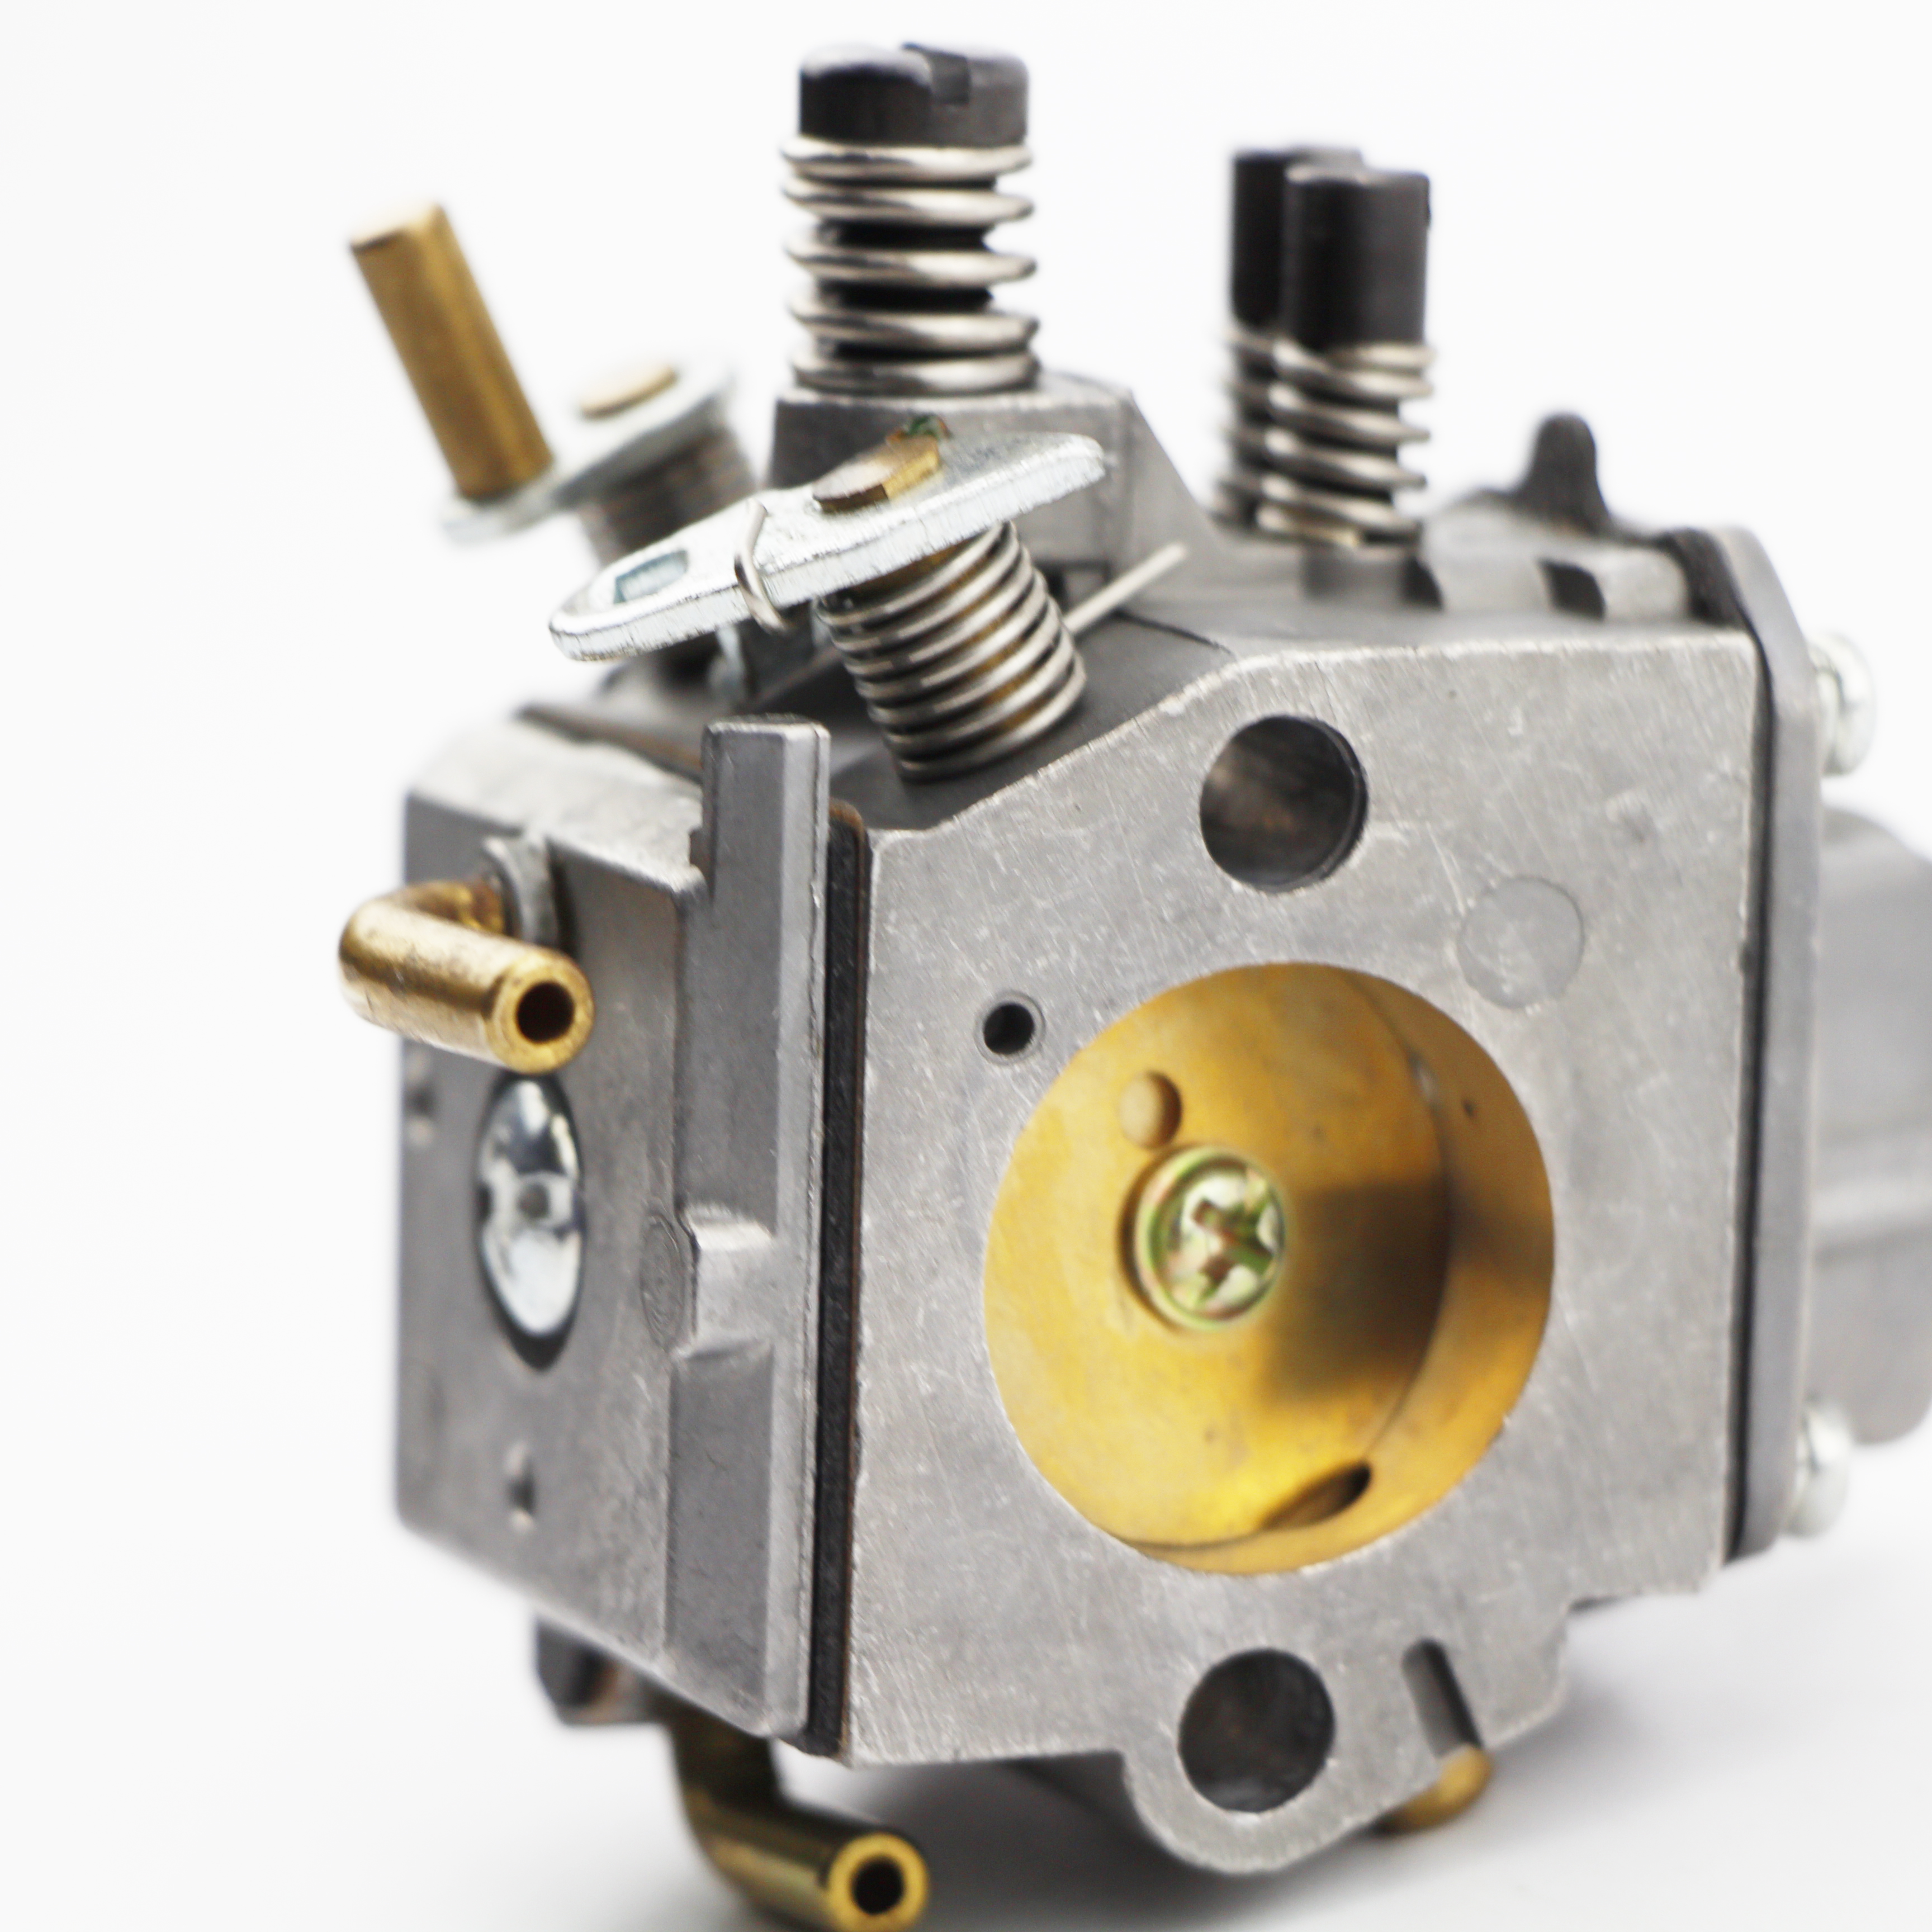 JRL Carburetor Fits STIHL 044 046 MS440 MS460 OEM# HD-17A HD-16D Walbro Zama Carb